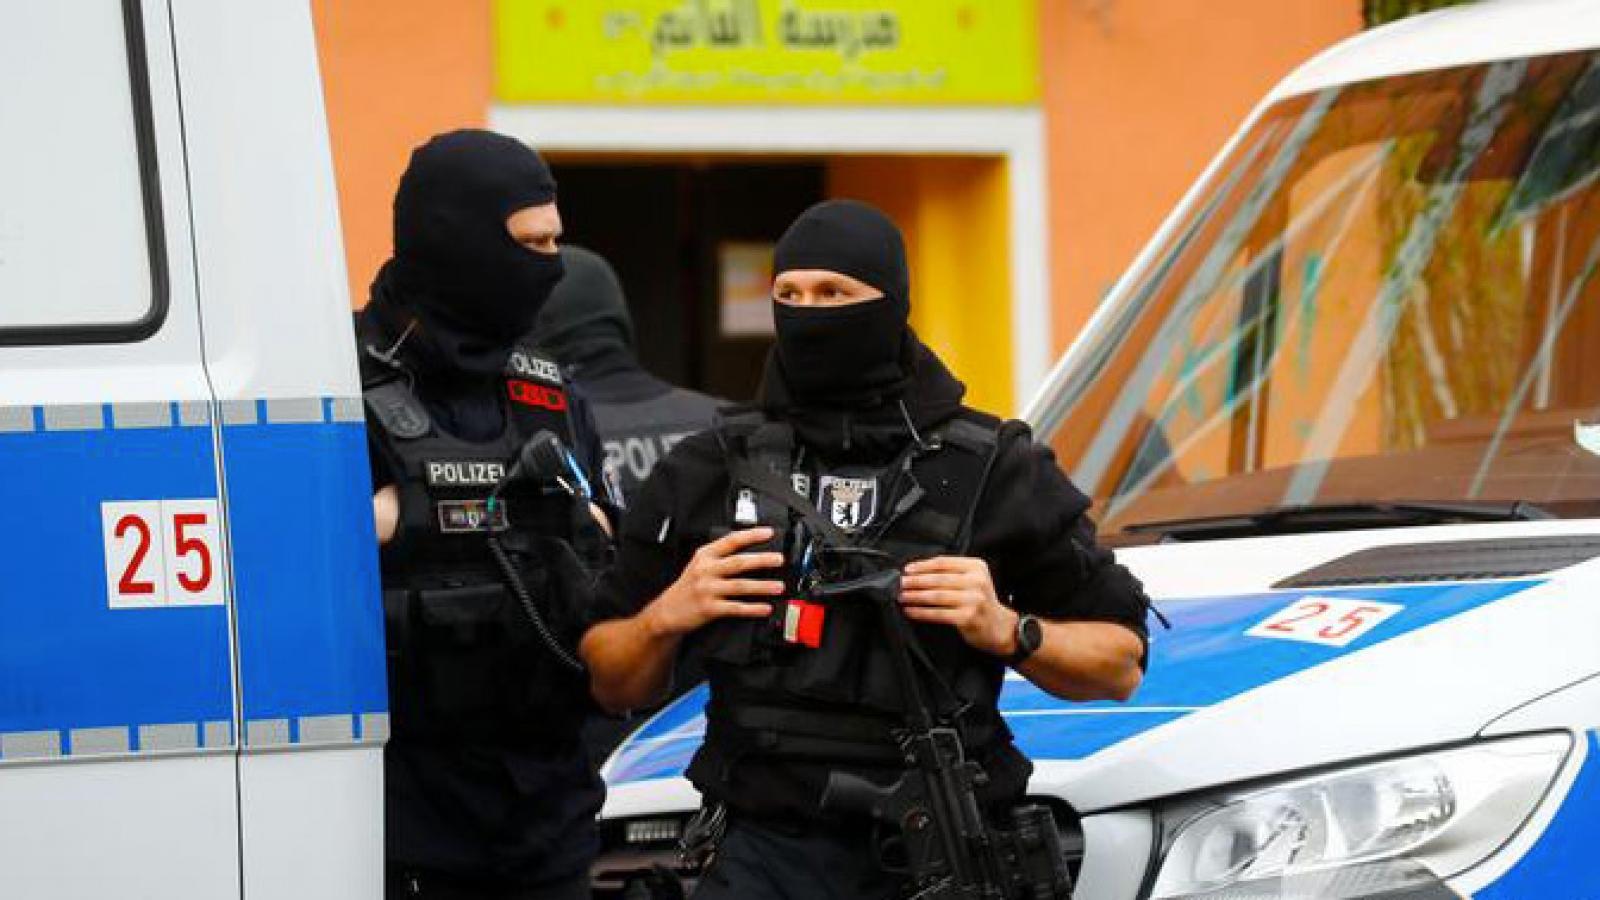 Đức cấm mọi hoạt động của tổ chức Hezbollah trên đất Đức